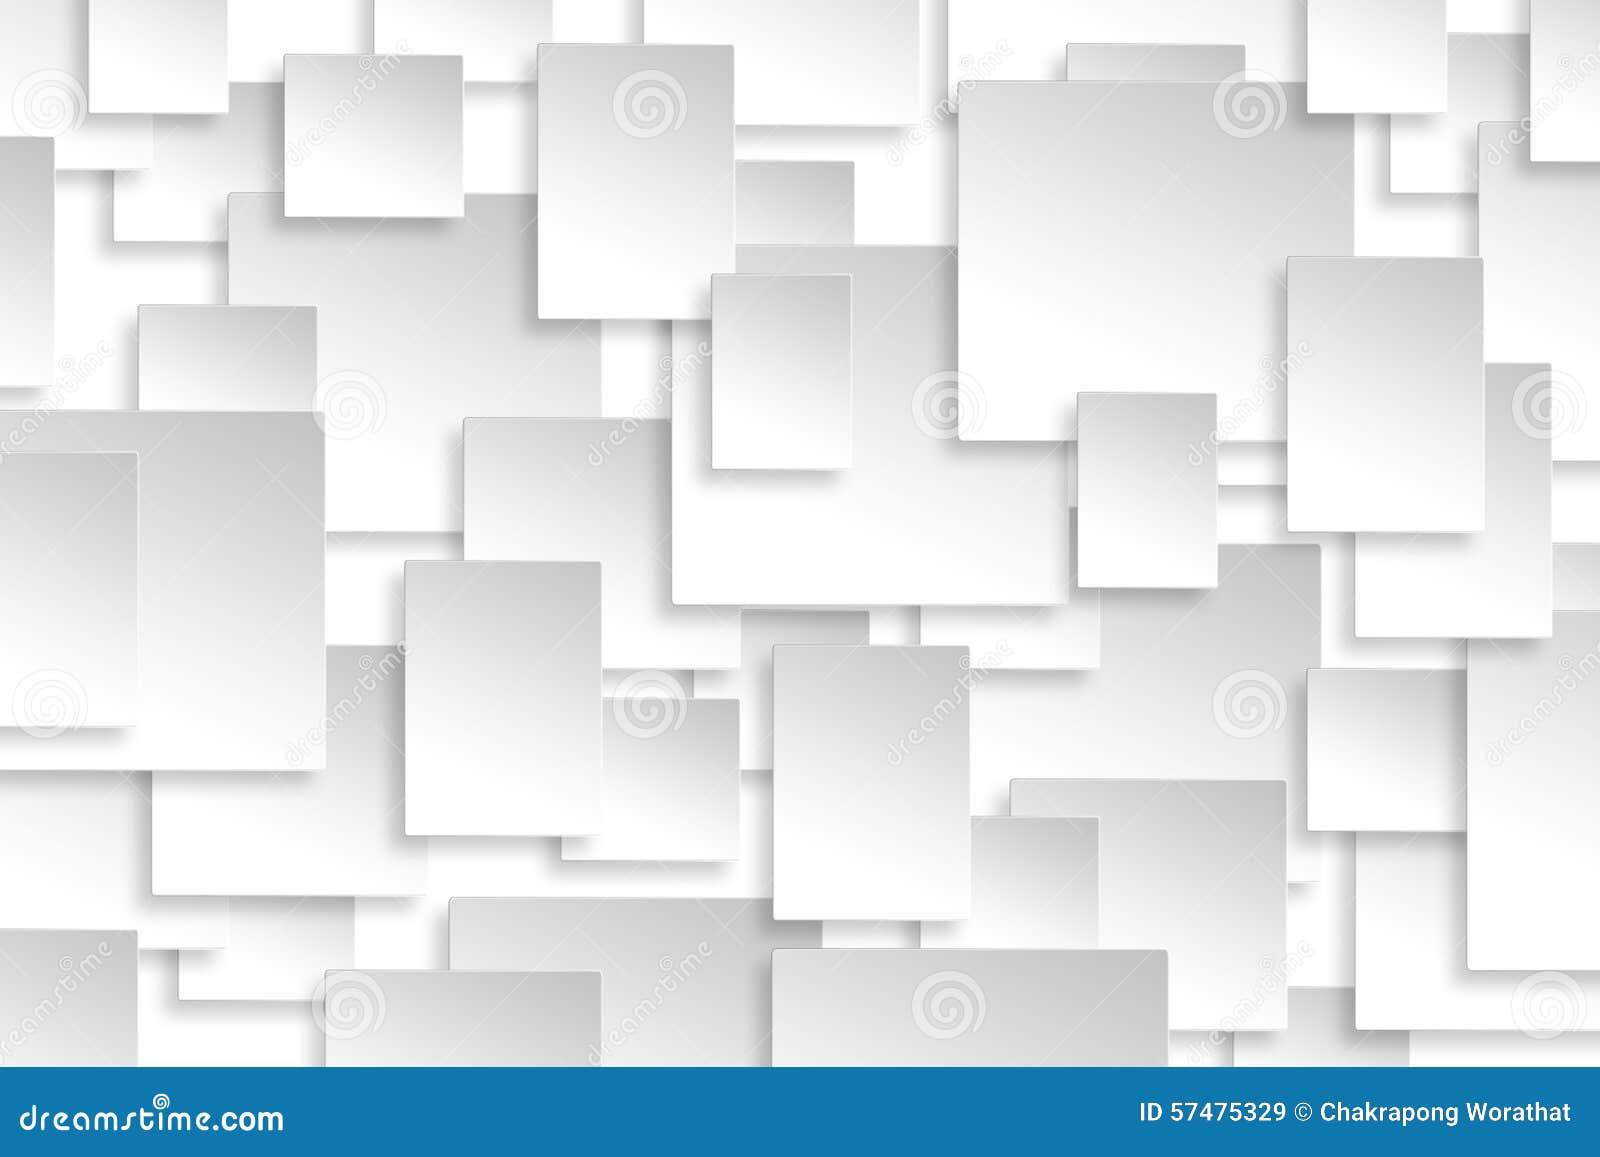 抽象纸长方形设计银背景纹理.图片